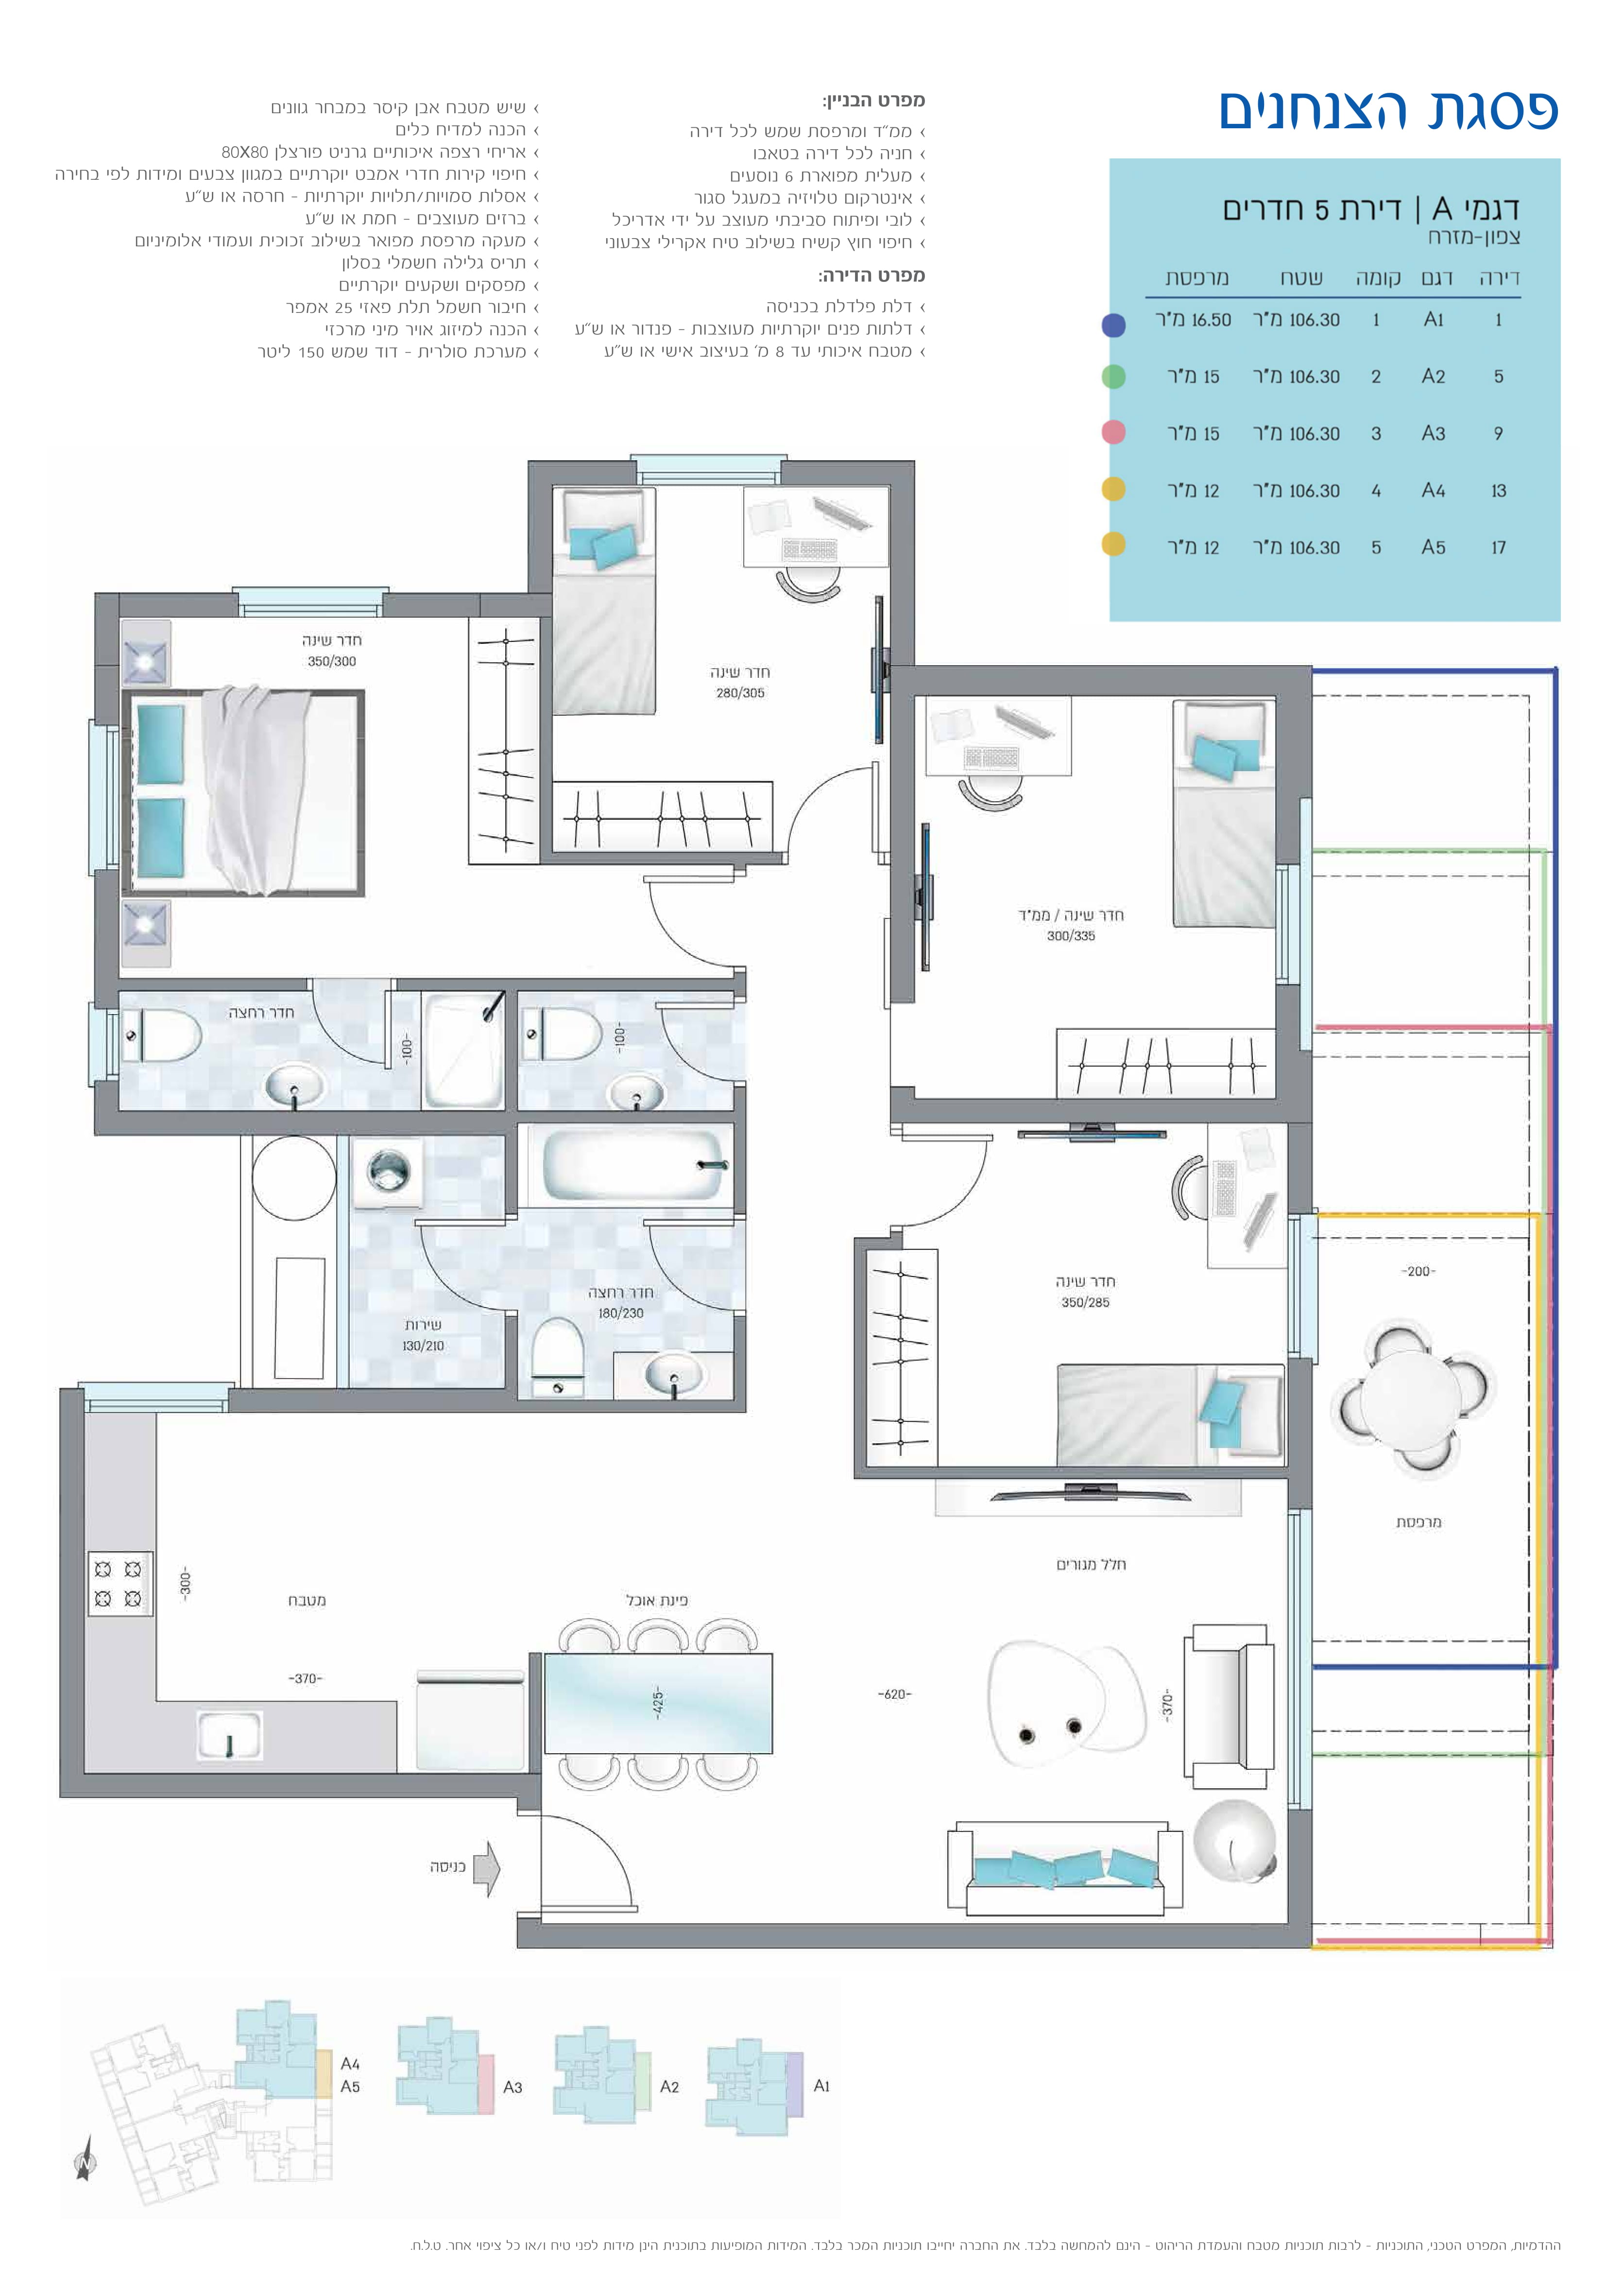 תוכנית הדירה לנכס מספר 9